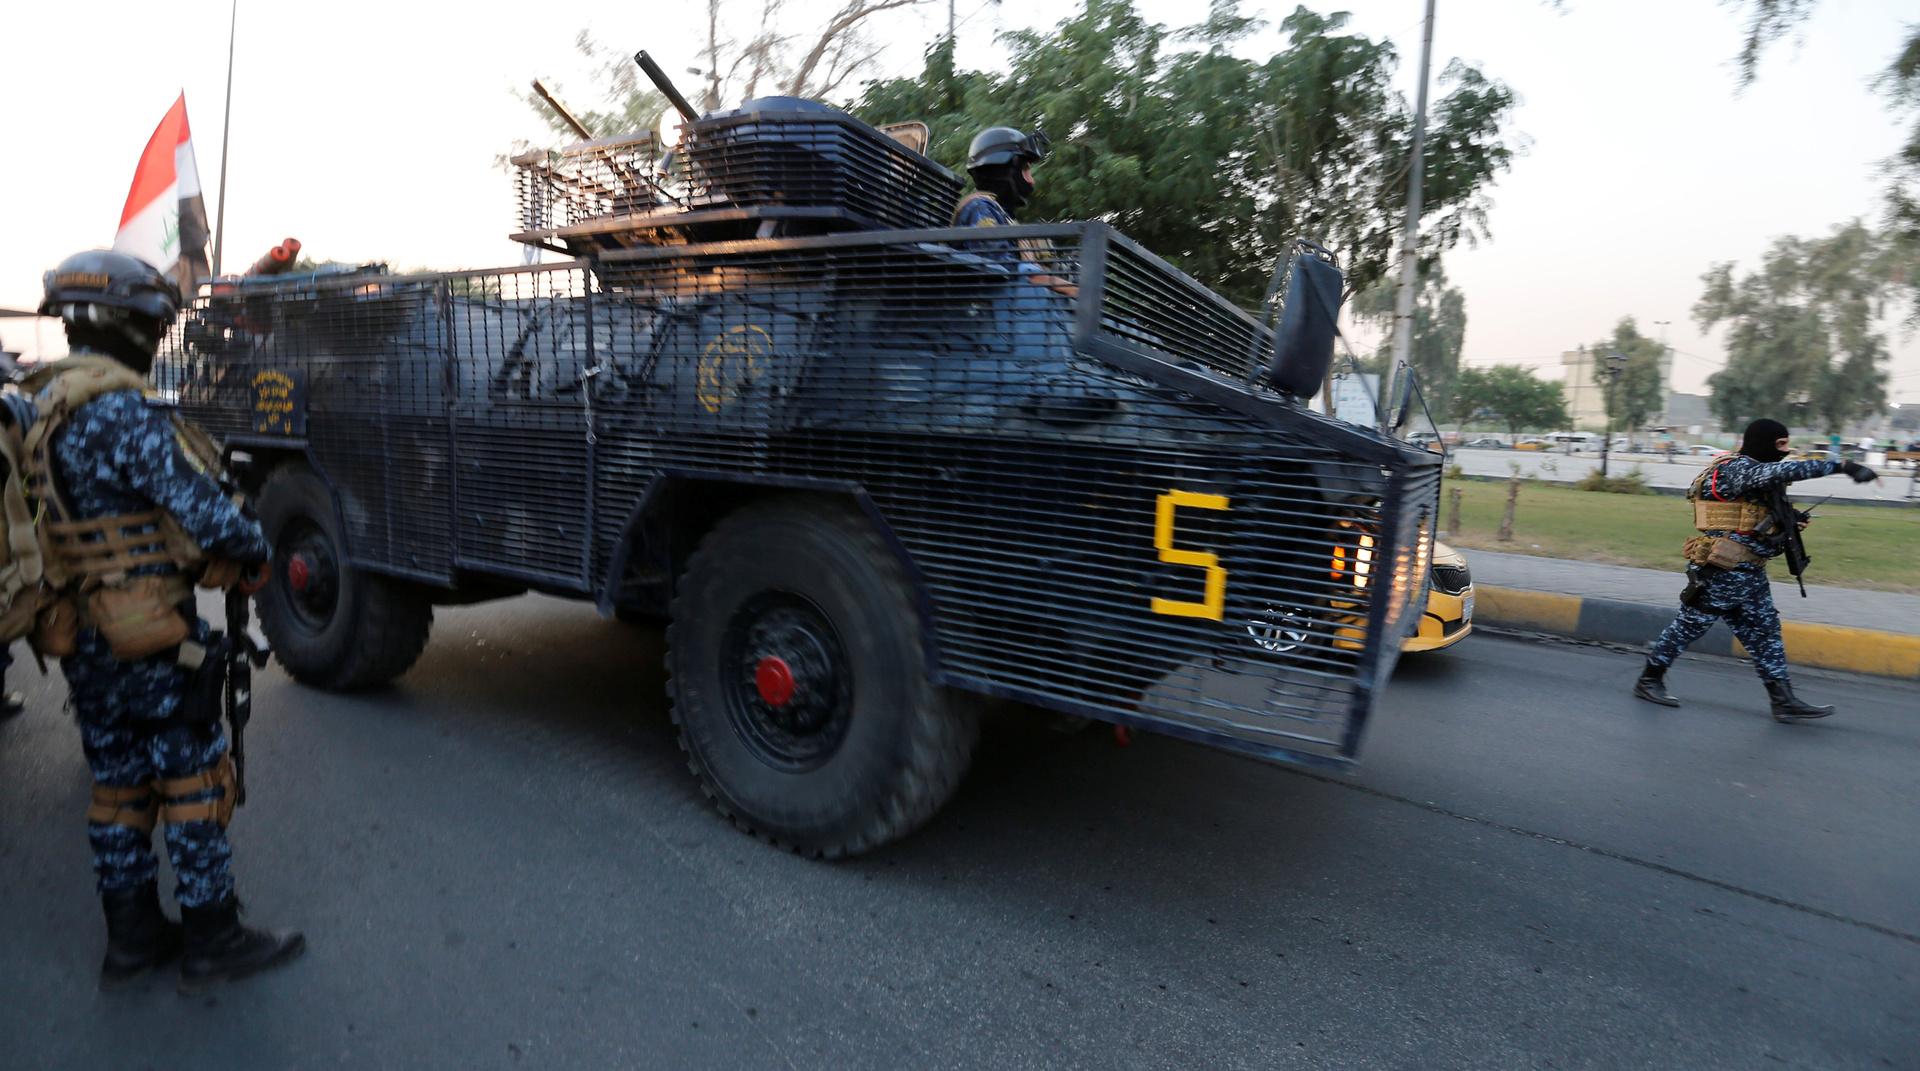 إصابة 9 أمنيين بتفجير قنبلة في شارع الرشيد ببغداد